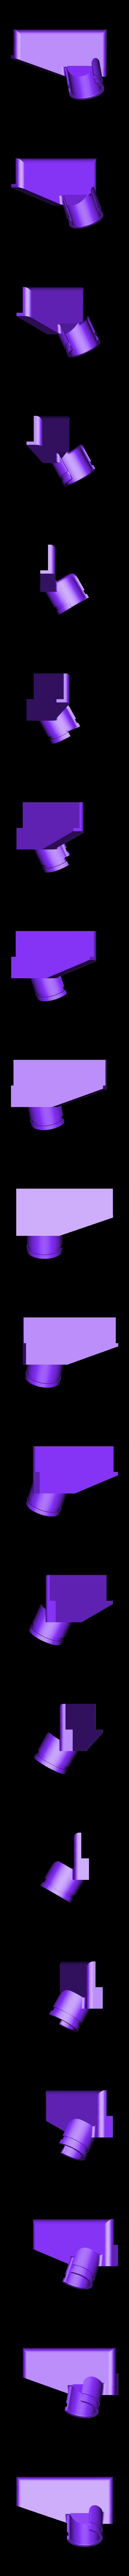 BedWIreManage.stl Télécharger fichier STL gratuit Bed Wire Management (métier à tisser automobile) Version 2.5 • Design imprimable en 3D, Thomllama